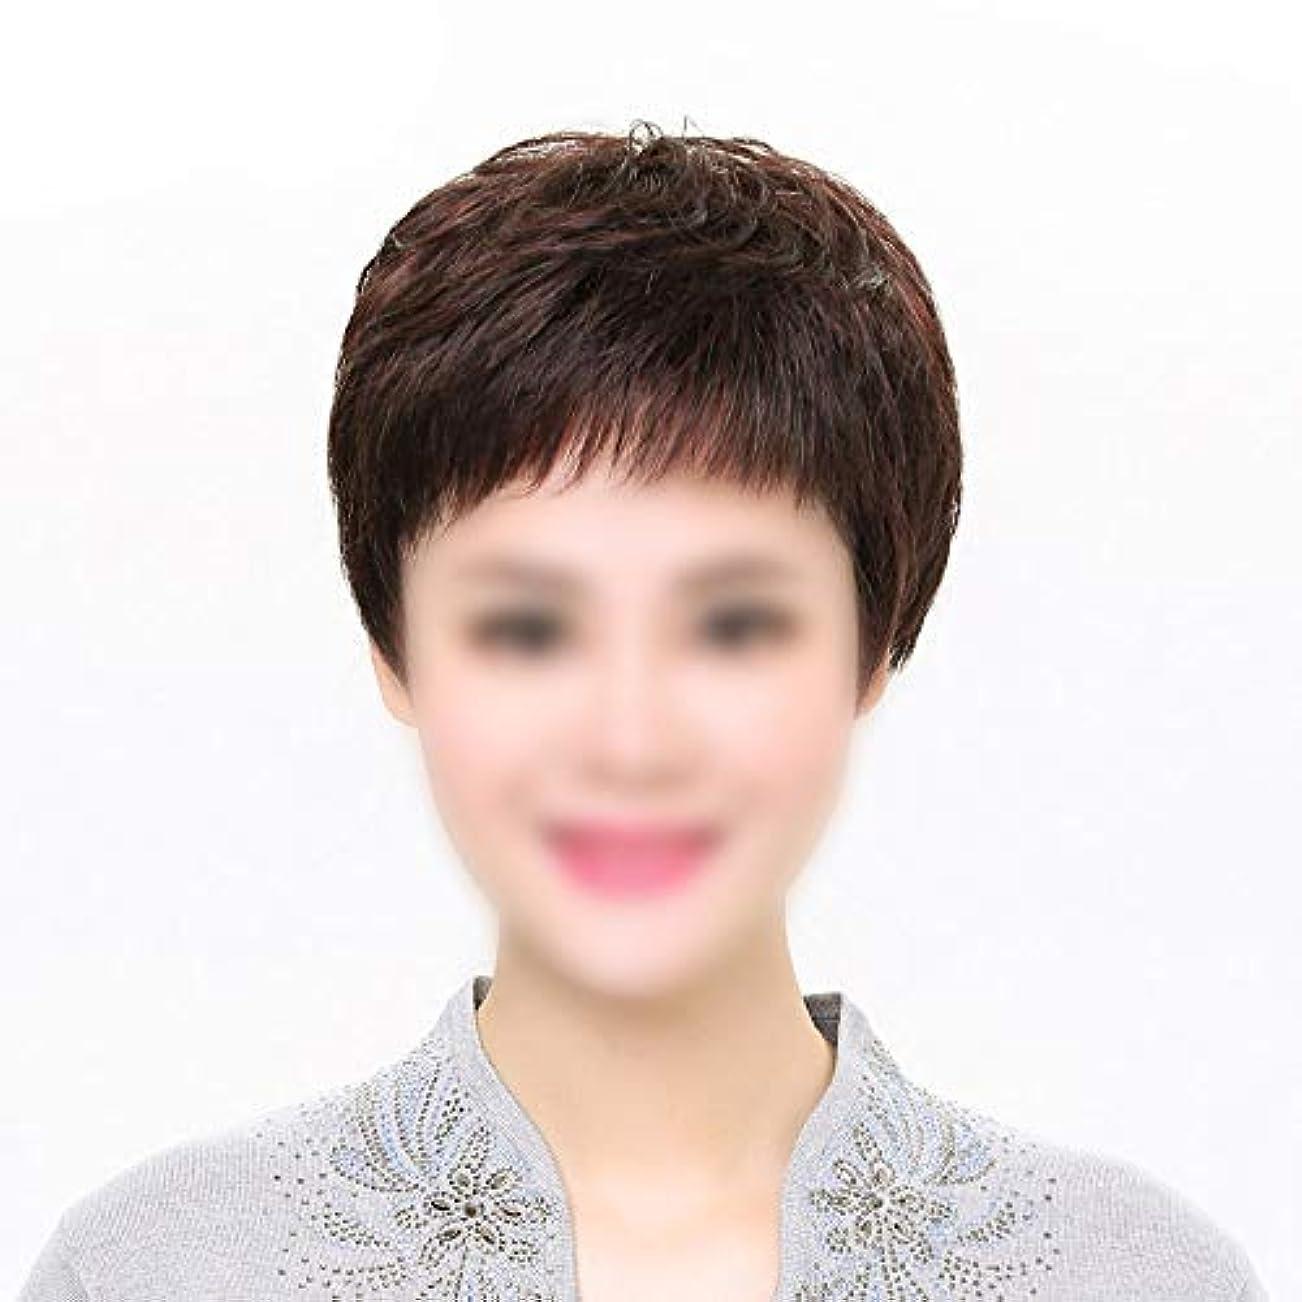 パブビジネスカーテンYOUQIU 女性のかつらのために前髪人毛かつら、100%本物の人間の髪の毛無料パートショートスタイリッシュなウィッグ (色 : 黒, Edition : Mechanism)